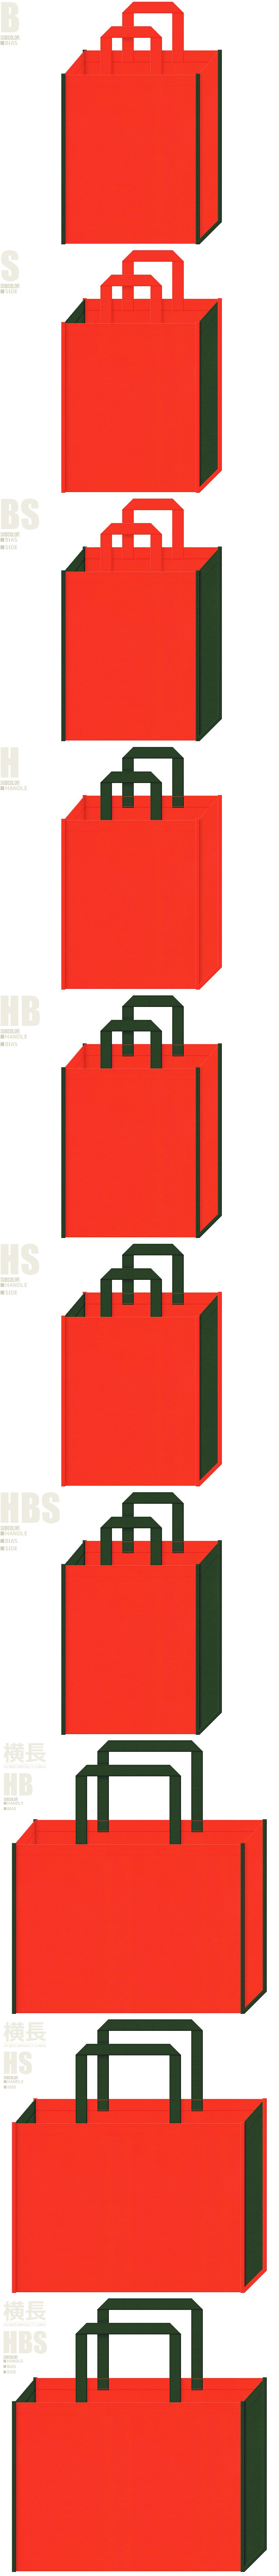 パンプキン・ハロウィン・にんじん・柿・バーベキュー・登山・アウトドア・キャンプ用品の展示会用バッグにお奨めの不織布バッグデザイン:オレンジ色と濃緑色の配色7パターン